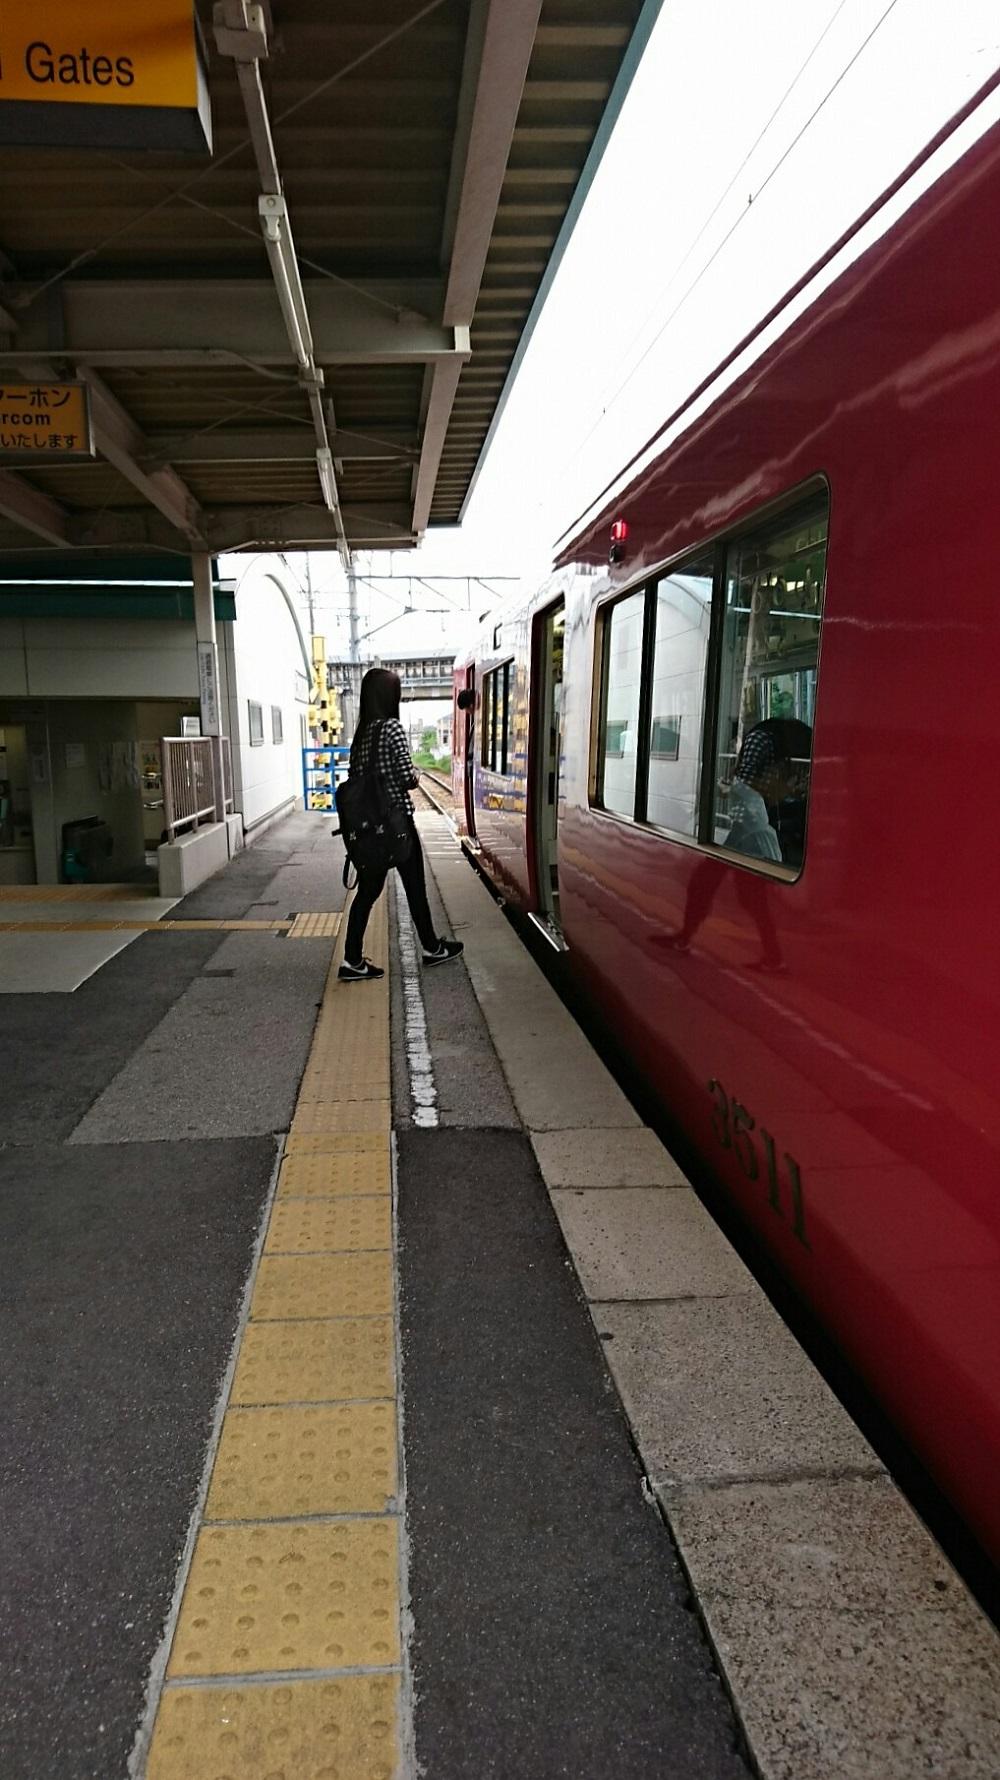 2018.4.27 (4) 古井 - 西尾いきふつう 1000-1780